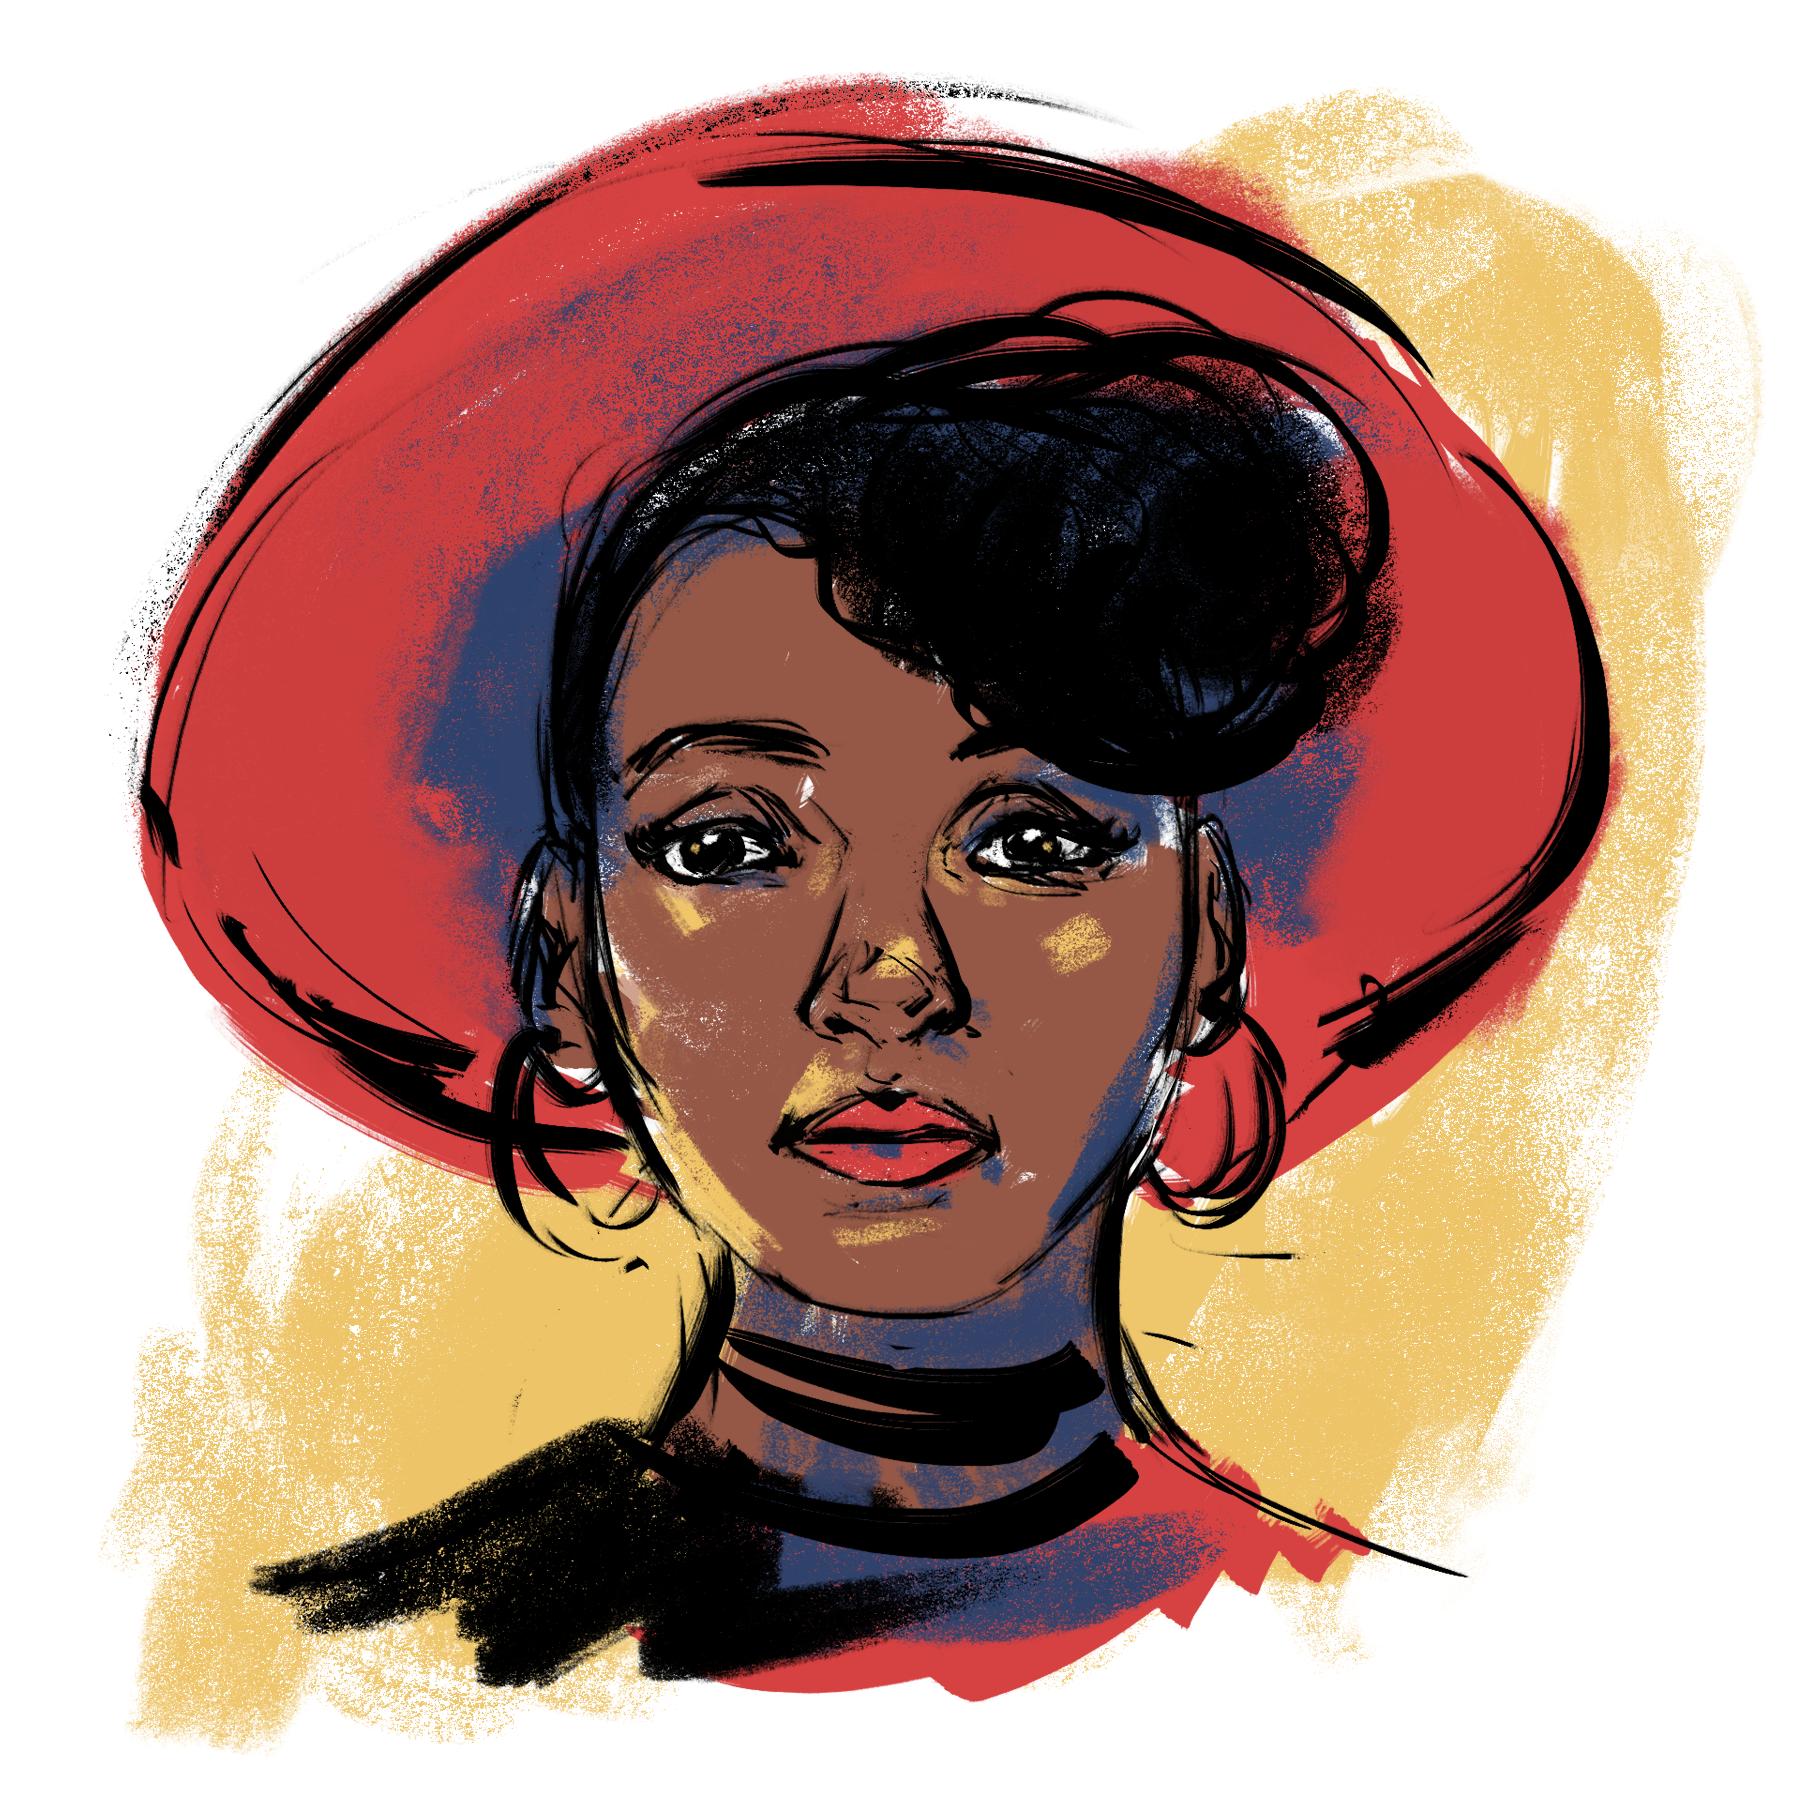 Portrait-Janelle-Monae-Jadekosub